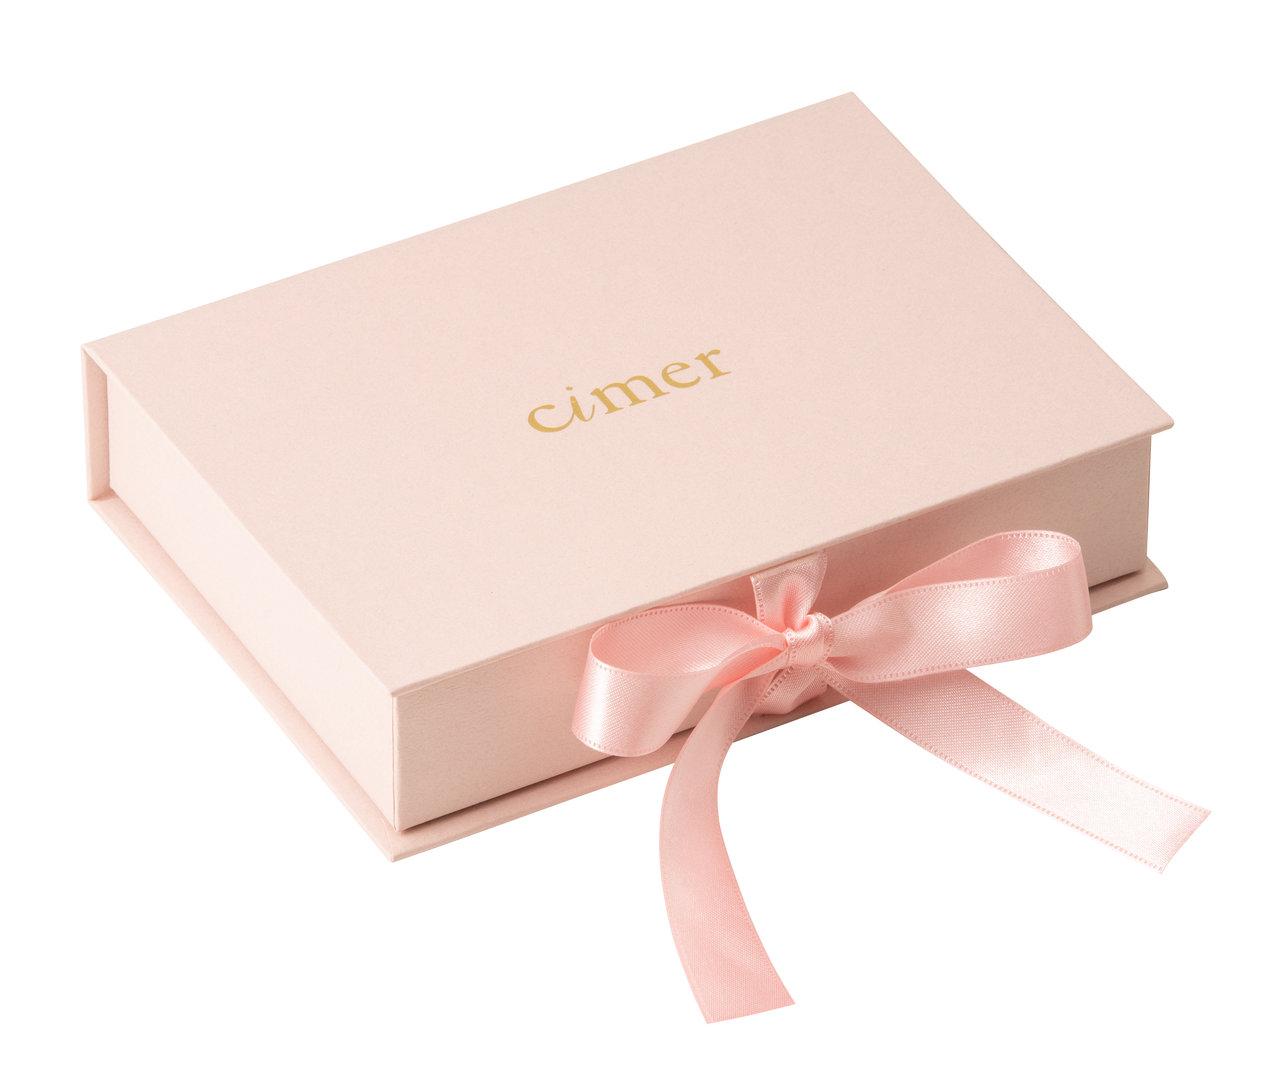 cimer プランパールージュ 初回限定BOX「cimer ルージュコレクション」